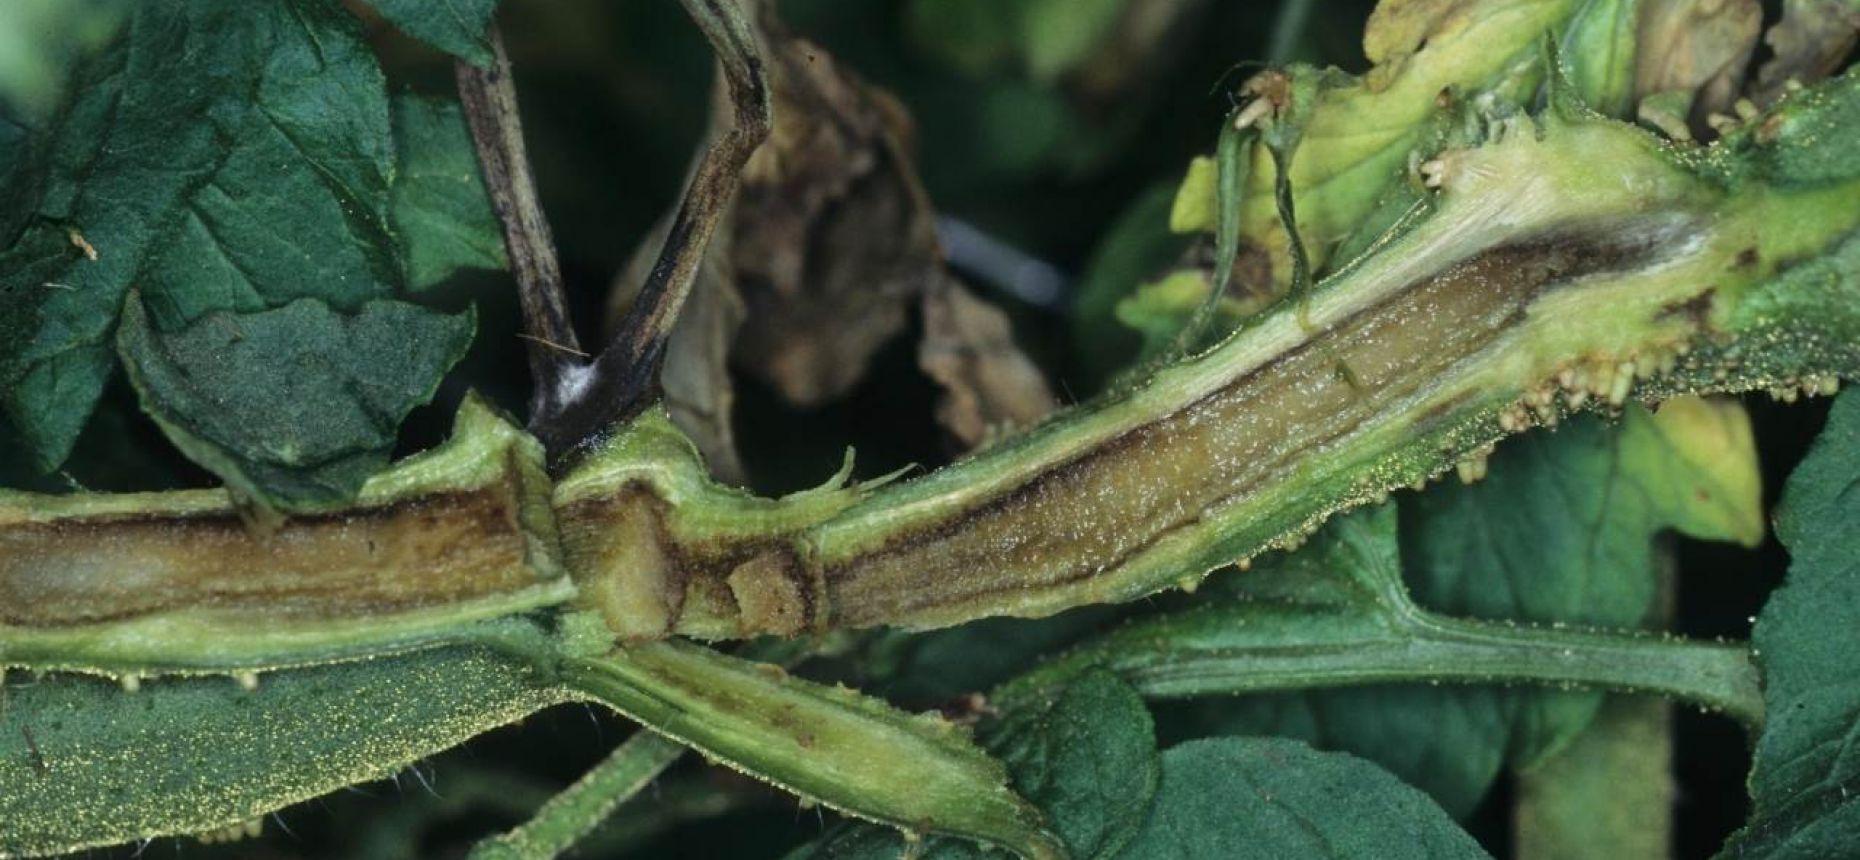 Сердцевинный некроз стеблей томата - Pseudomonas corrugata Roberts and Scarlett 1981